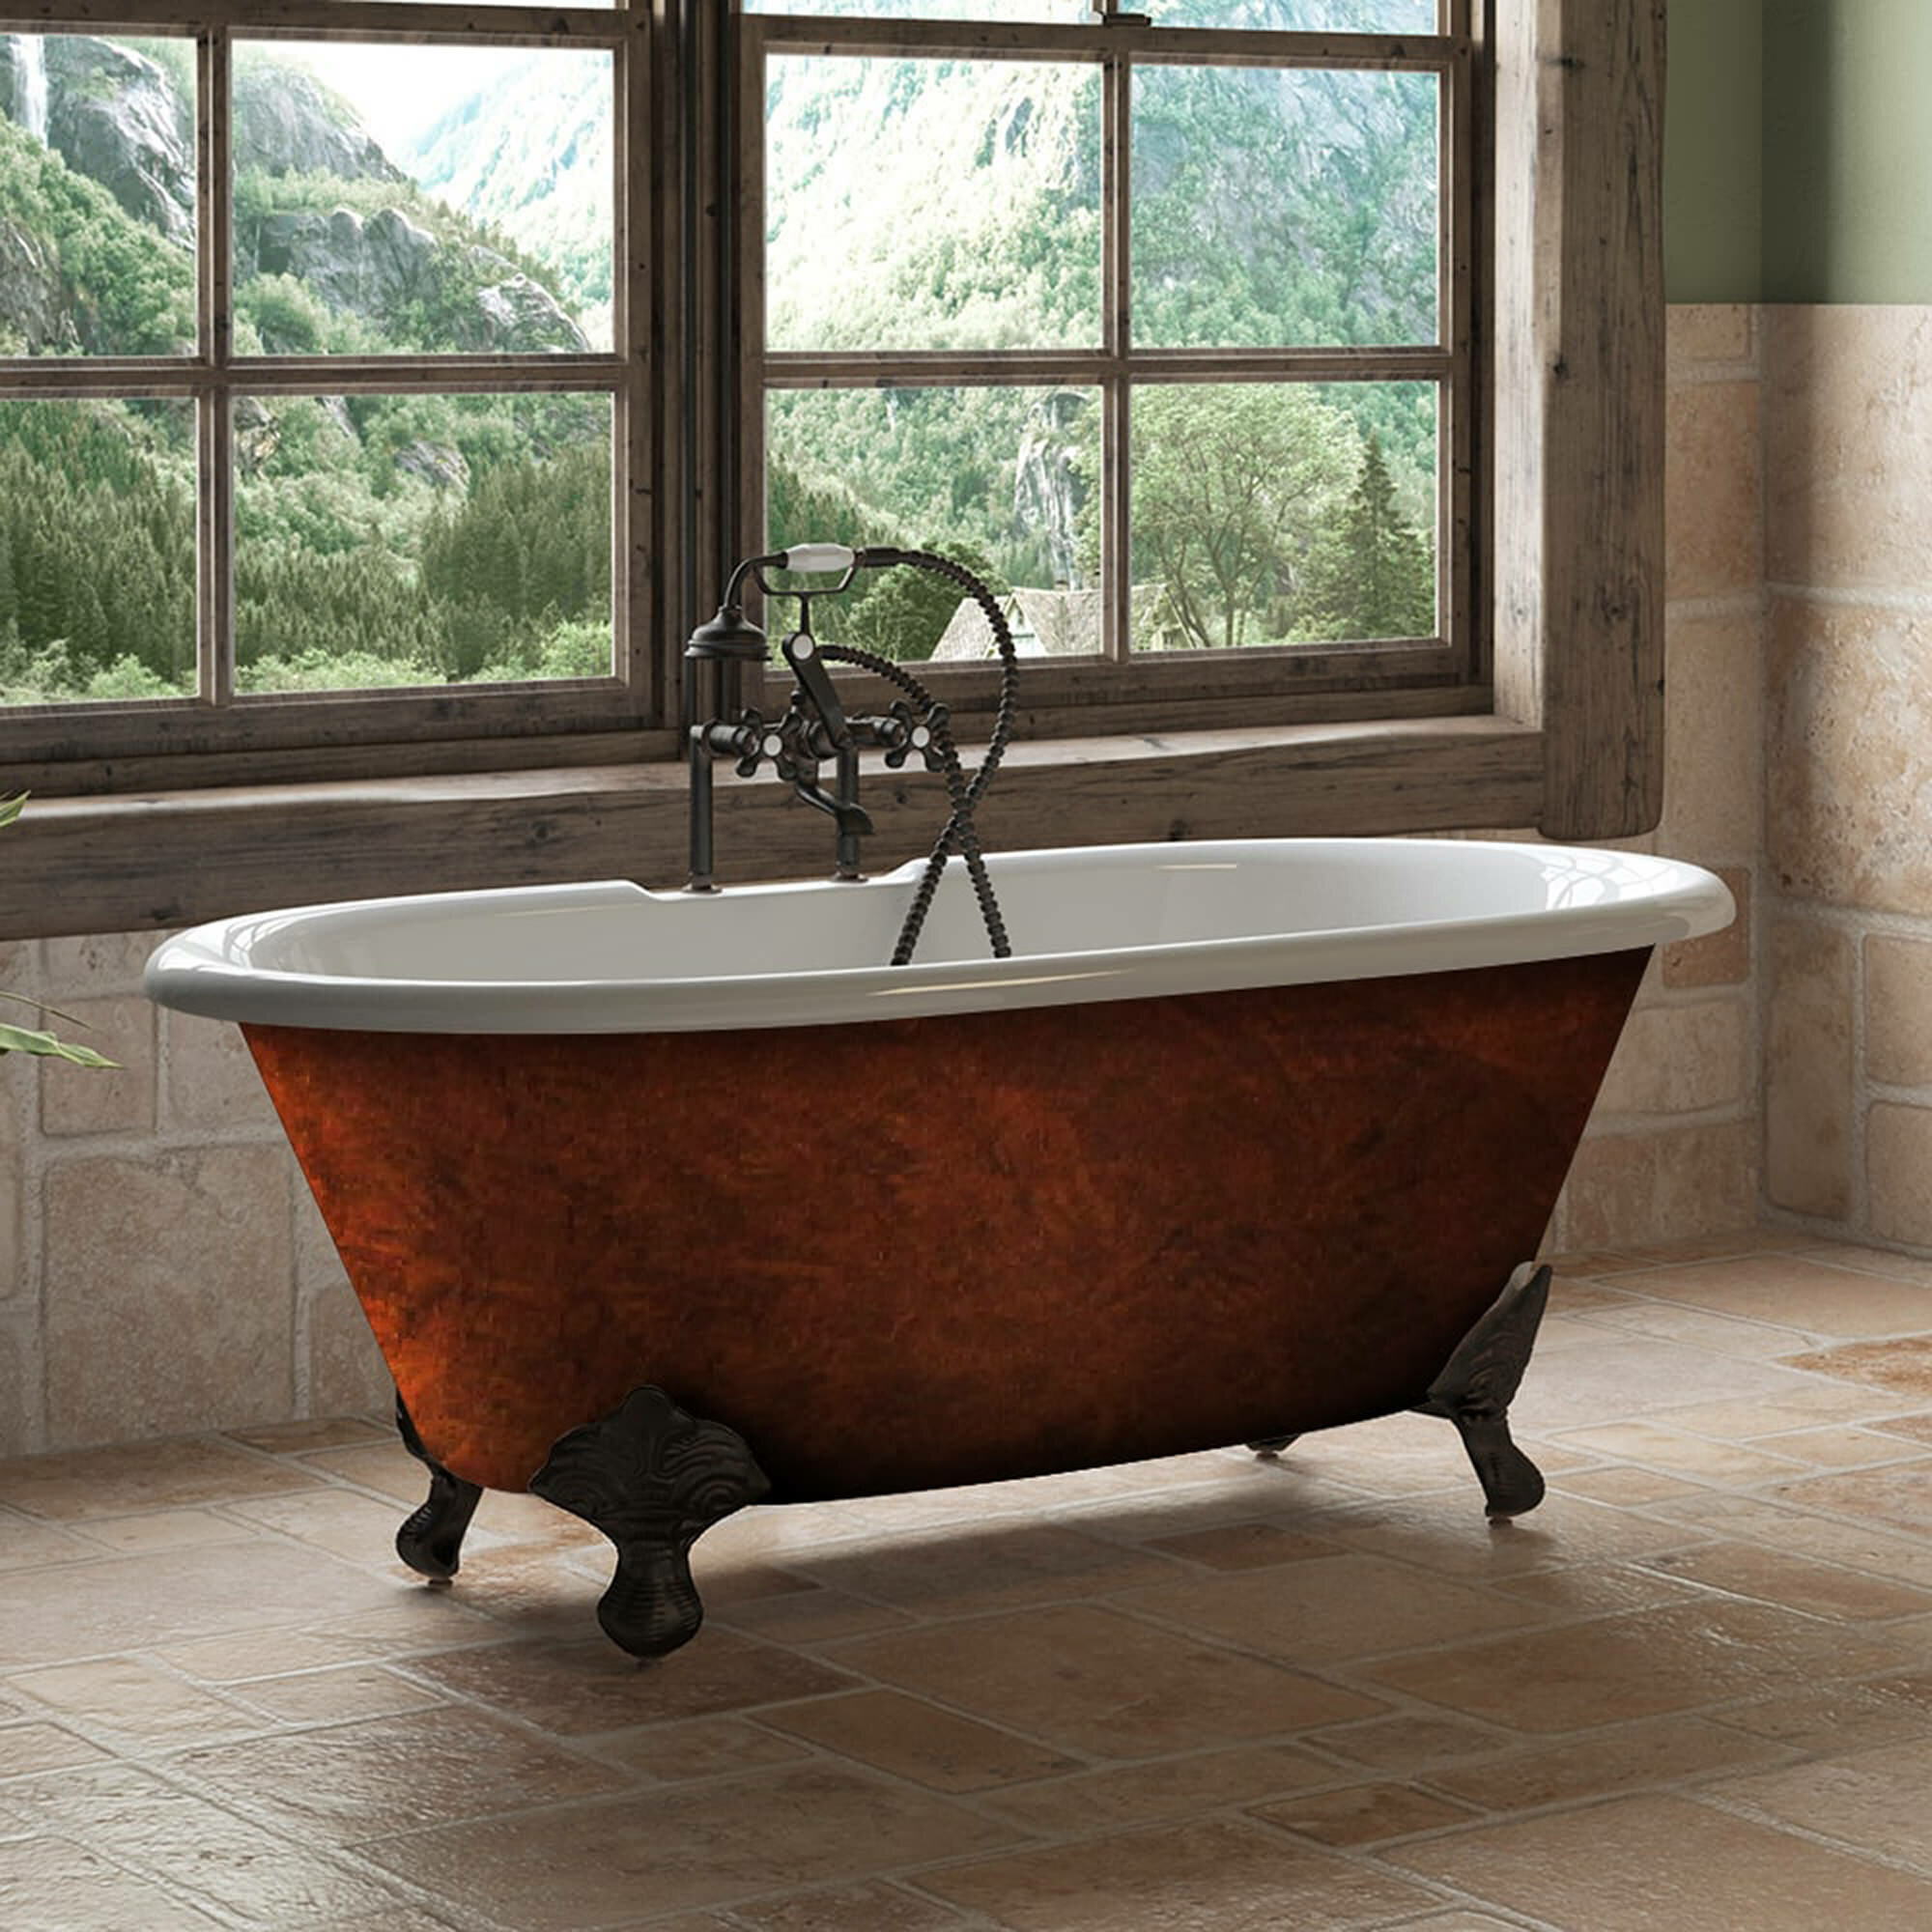 Cambridge Plumbing 60 X 30 Clawfoot Soaking Bathtub Wayfair